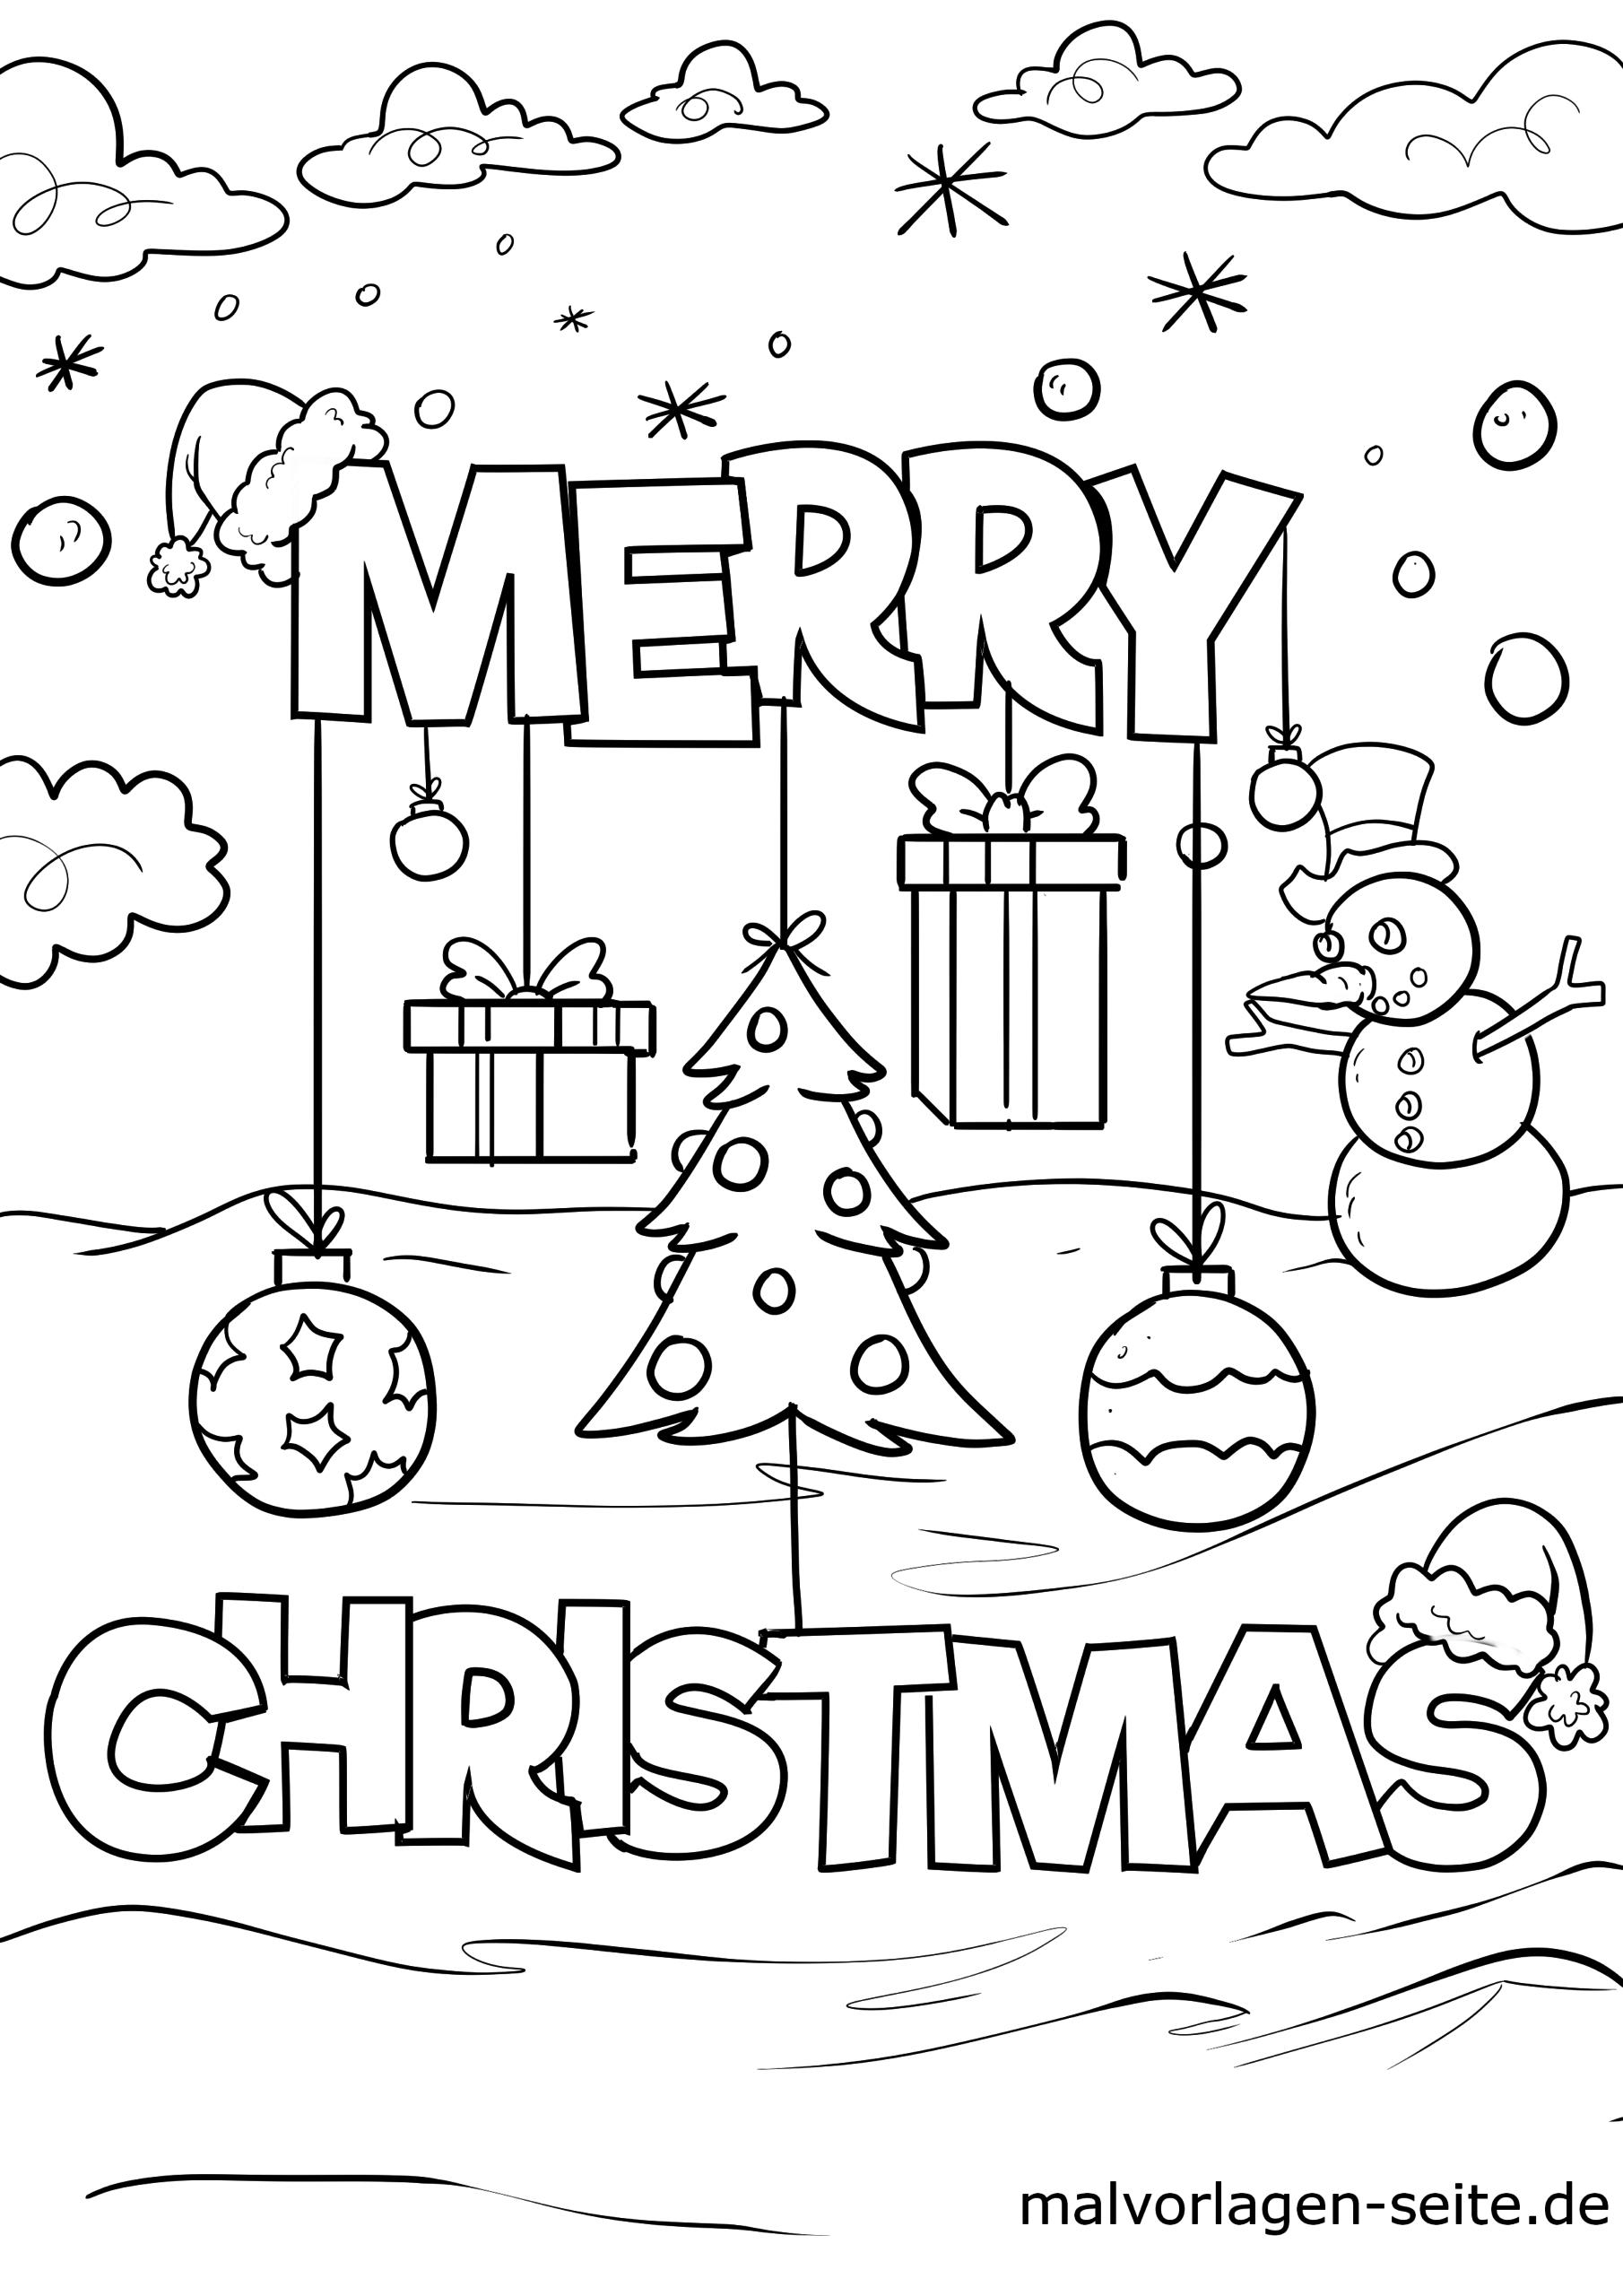 Malvorlage Merry Christmas | Weihnachten - Ausmalbilder in Malvorlagen Weihnachten Kostenlos